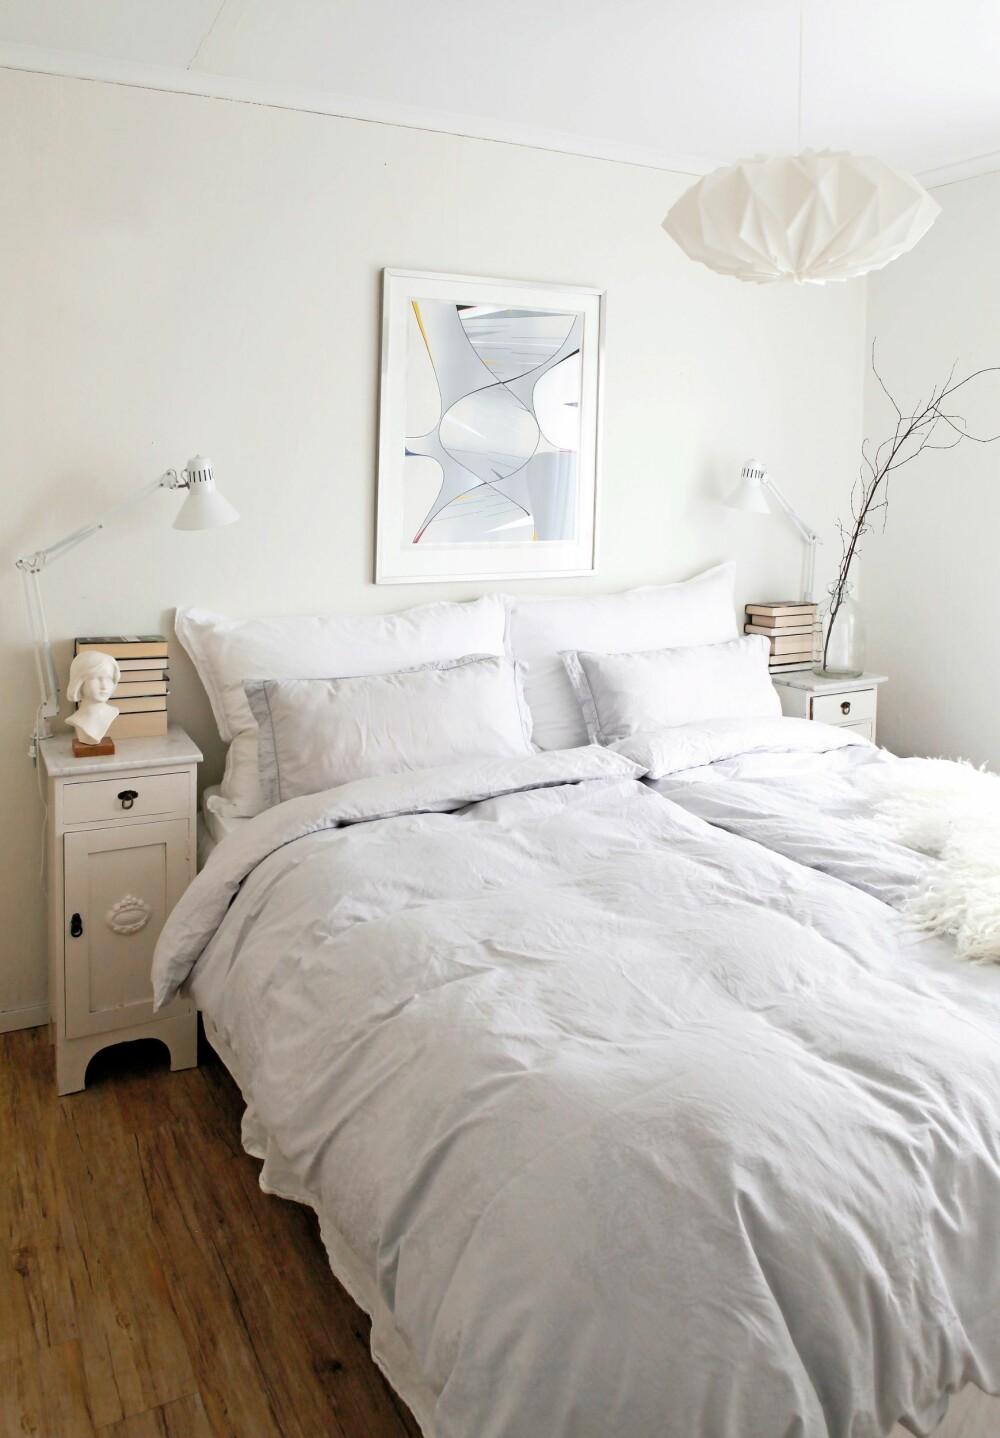 LYST: På soverommet er stemningen lys og lett. Kunsten på veggen er av Gunnar S. Gundersen, og taklampen er fra Le Klint. Nattbordene  med marmortopp er kjøpt brukt.